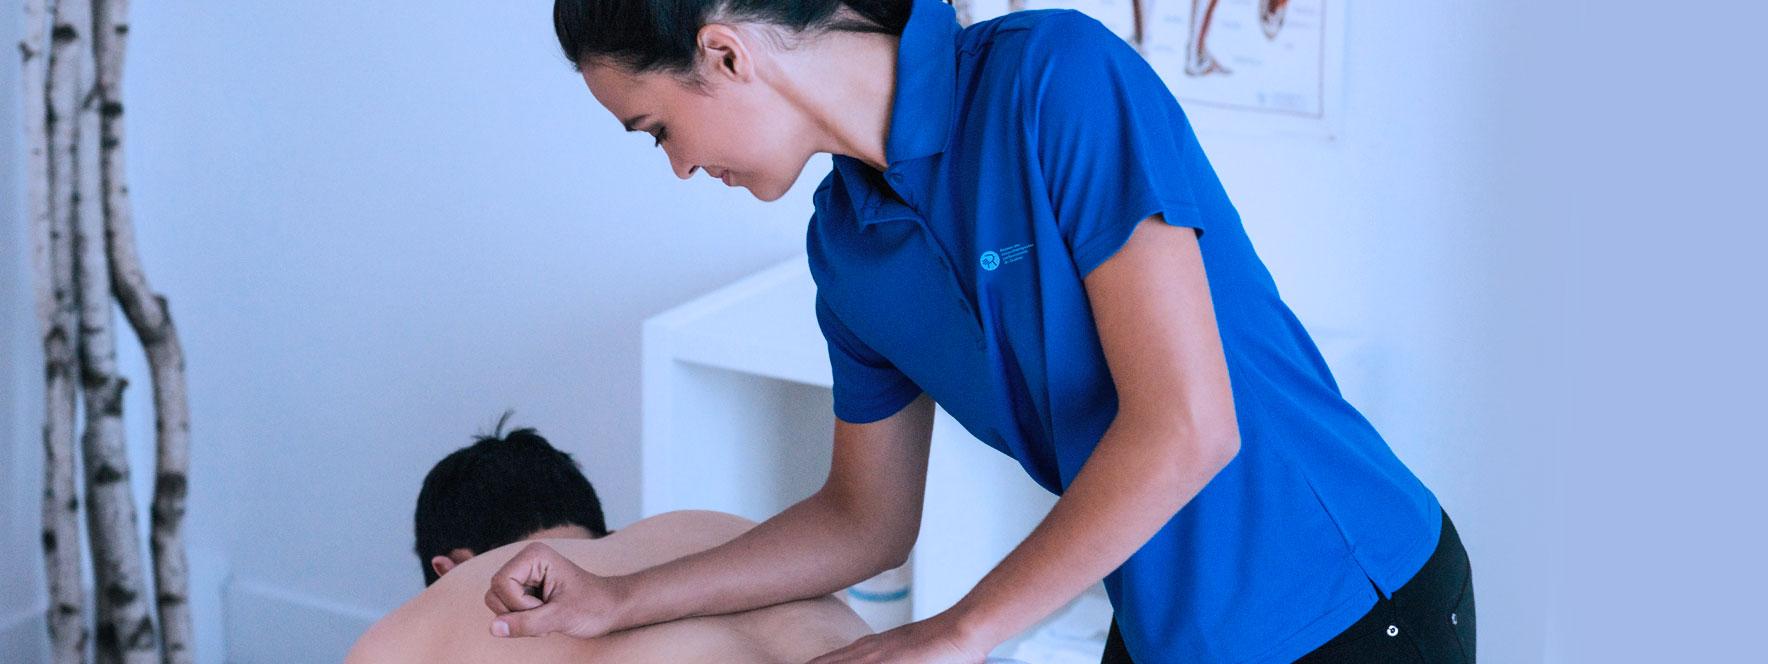 Les soins thérapeutiques: conseils de prévention, blogue du Réseau